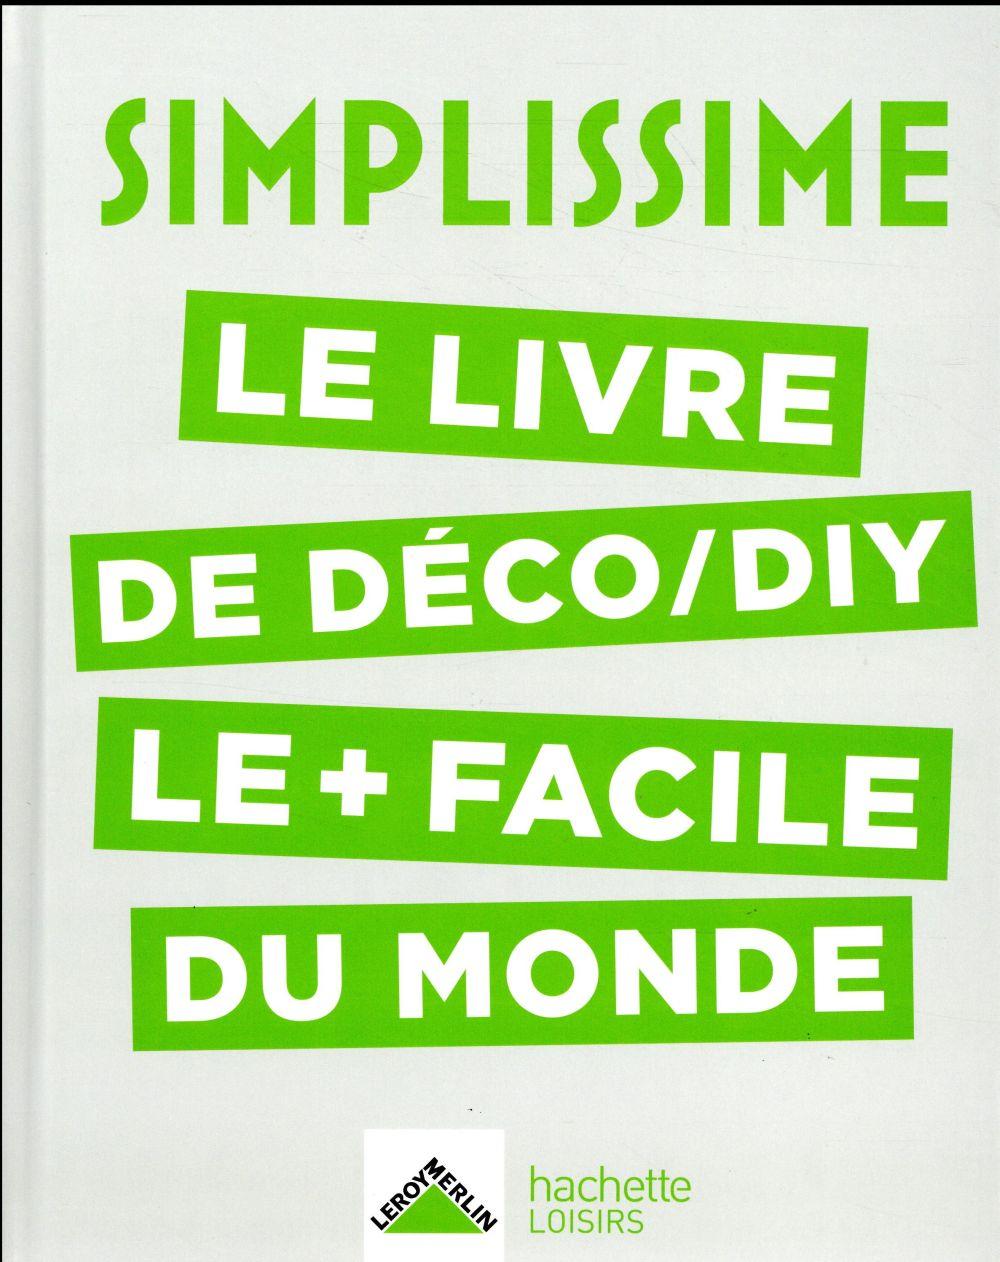 Le livre de déco/diy le + facile du monde